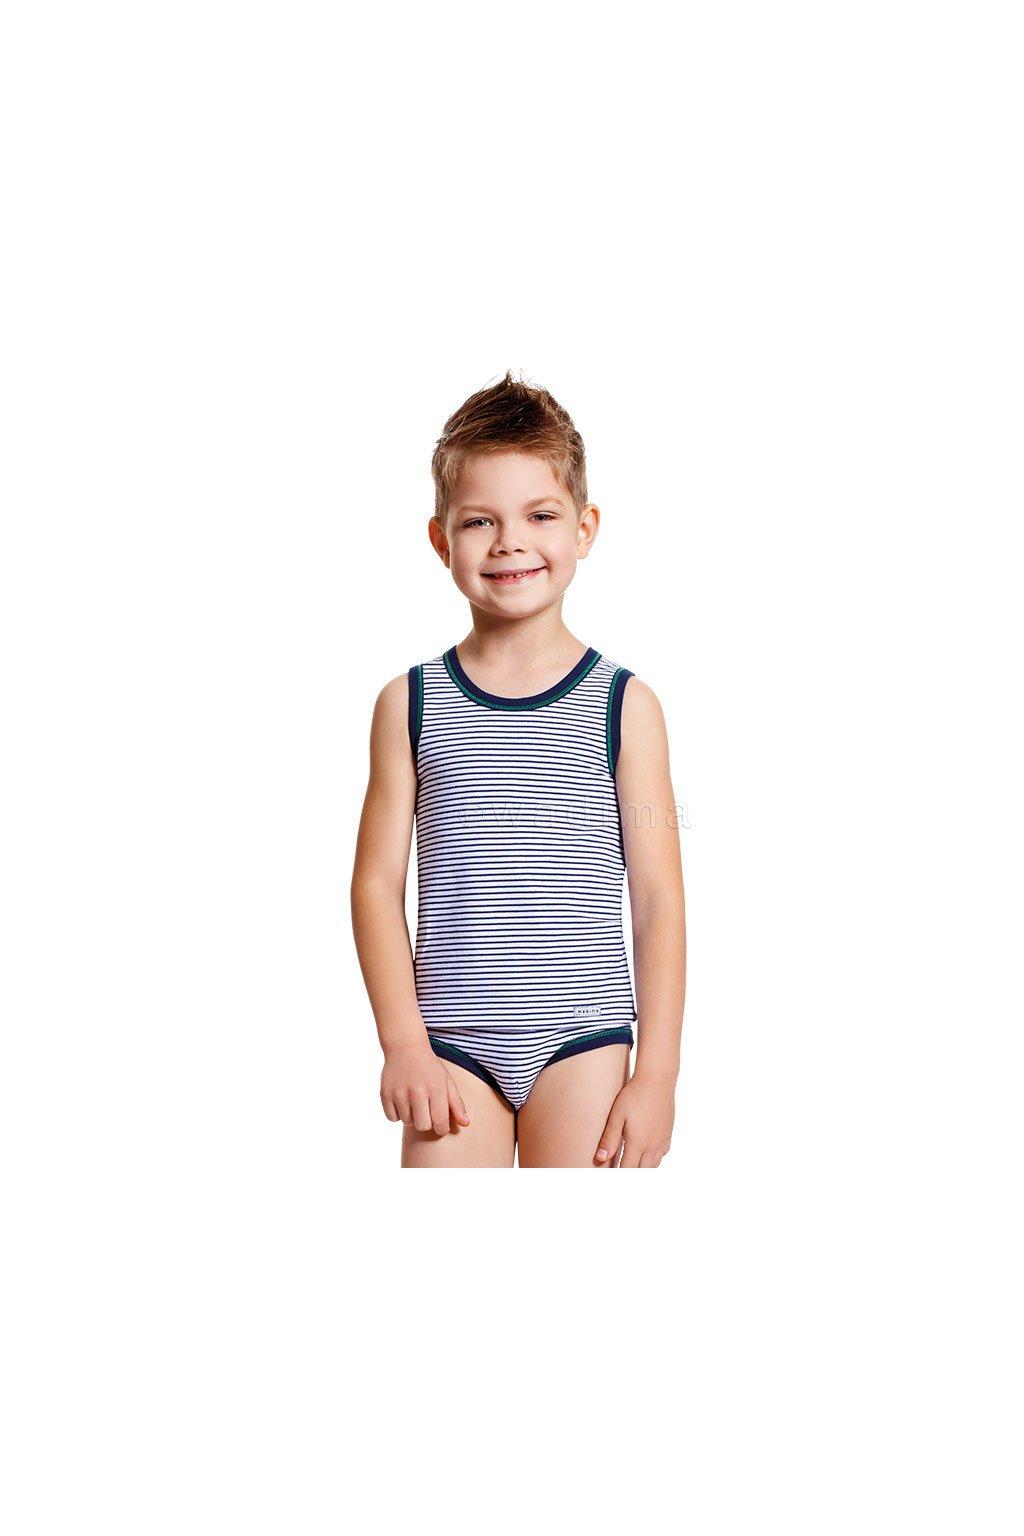 Chlapecký nátělník se širokými ramínky, 50219 166, tmavě modrá